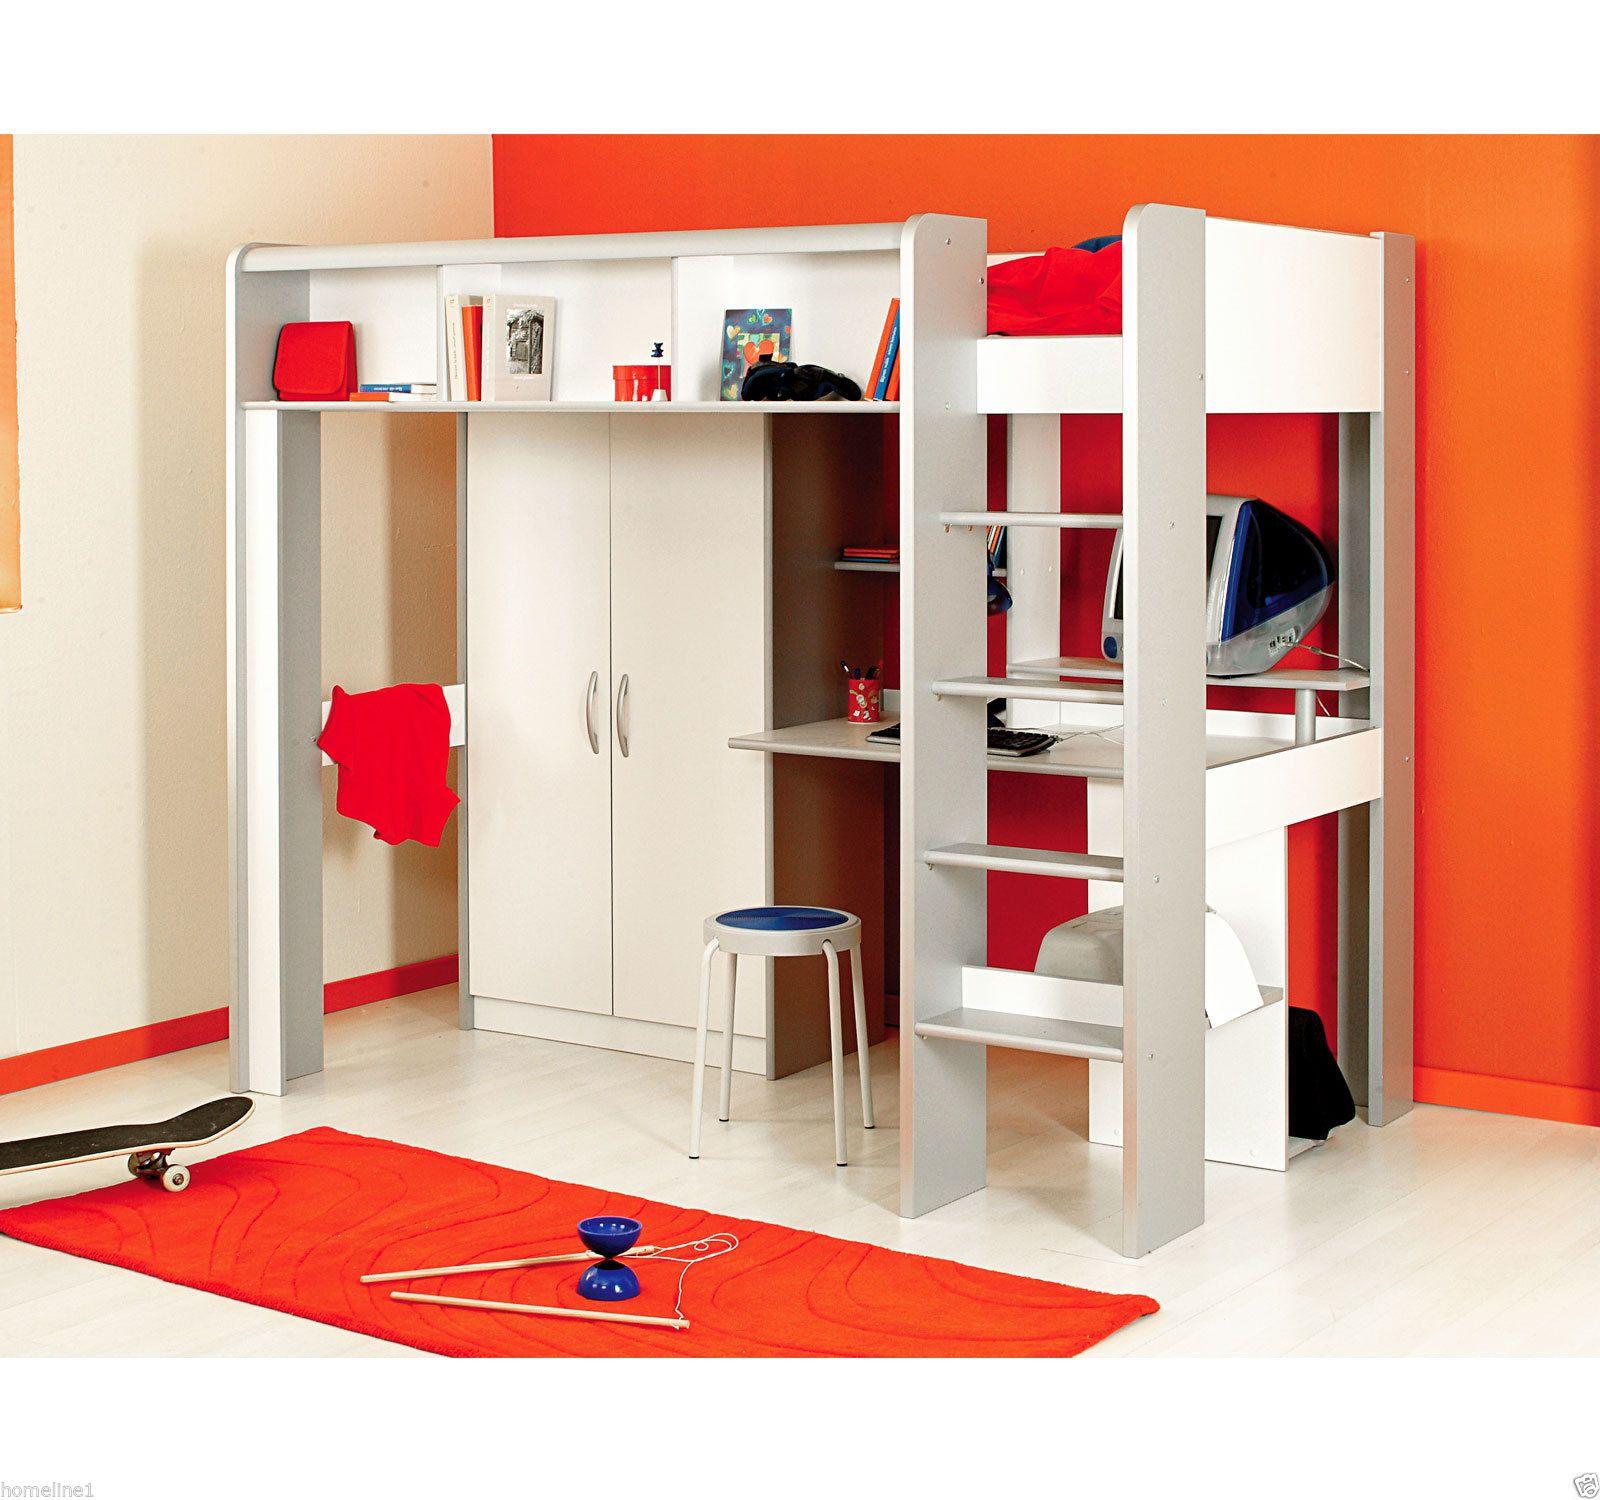 Kinderbett Hochbett Mit Treppe Kleiderschrank Schreibtisch Weiss